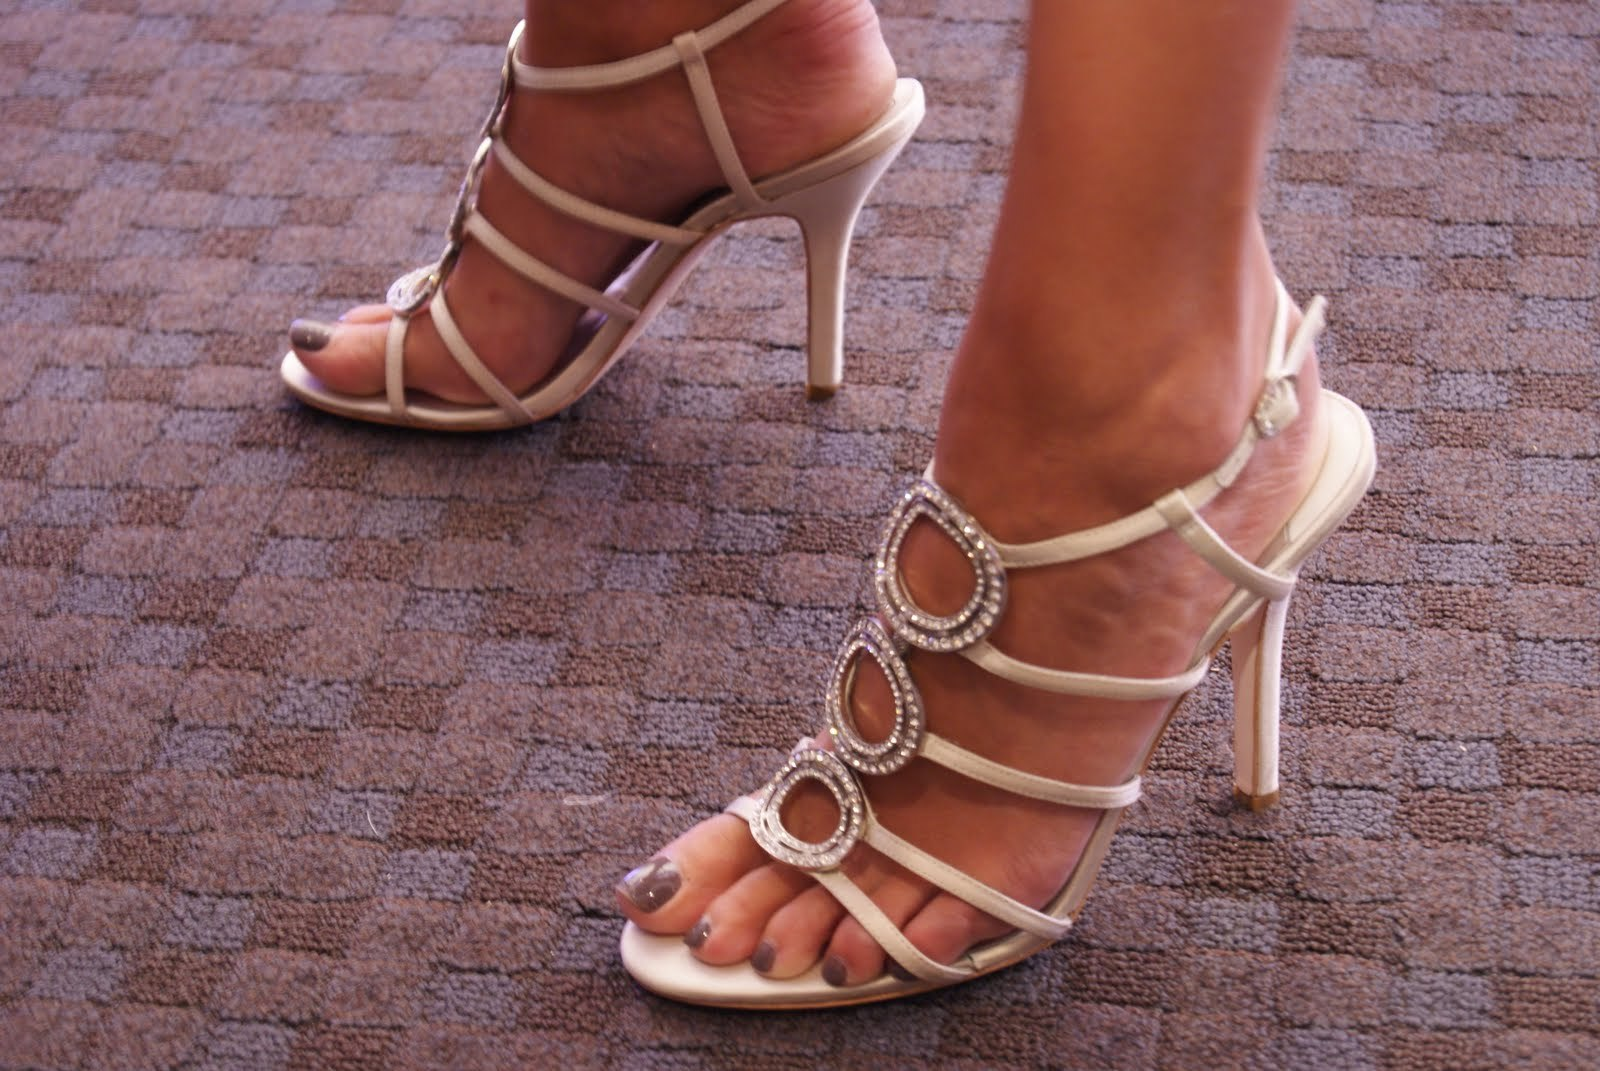 ★★★●≧女の足の匂い≦●★★★41臭目 [無断転載禁止]©bbspink.comYouTube動画>8本 ->画像>285枚